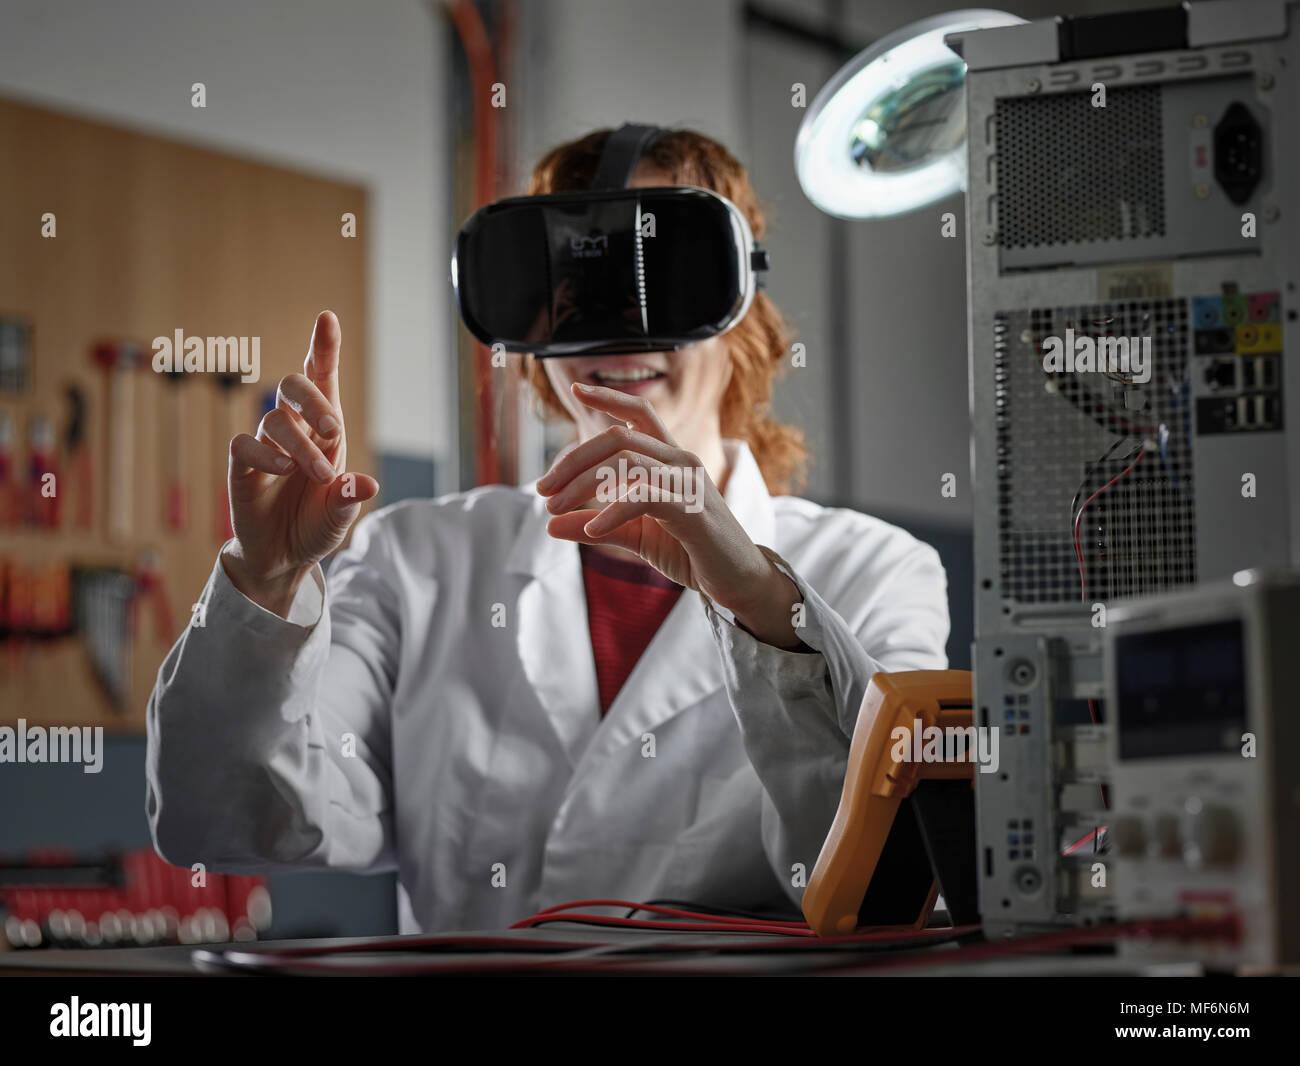 Frau mit VR Schutzbrille und Kittel in einem Elektronik Labor sitzen, Österreich Stockbild